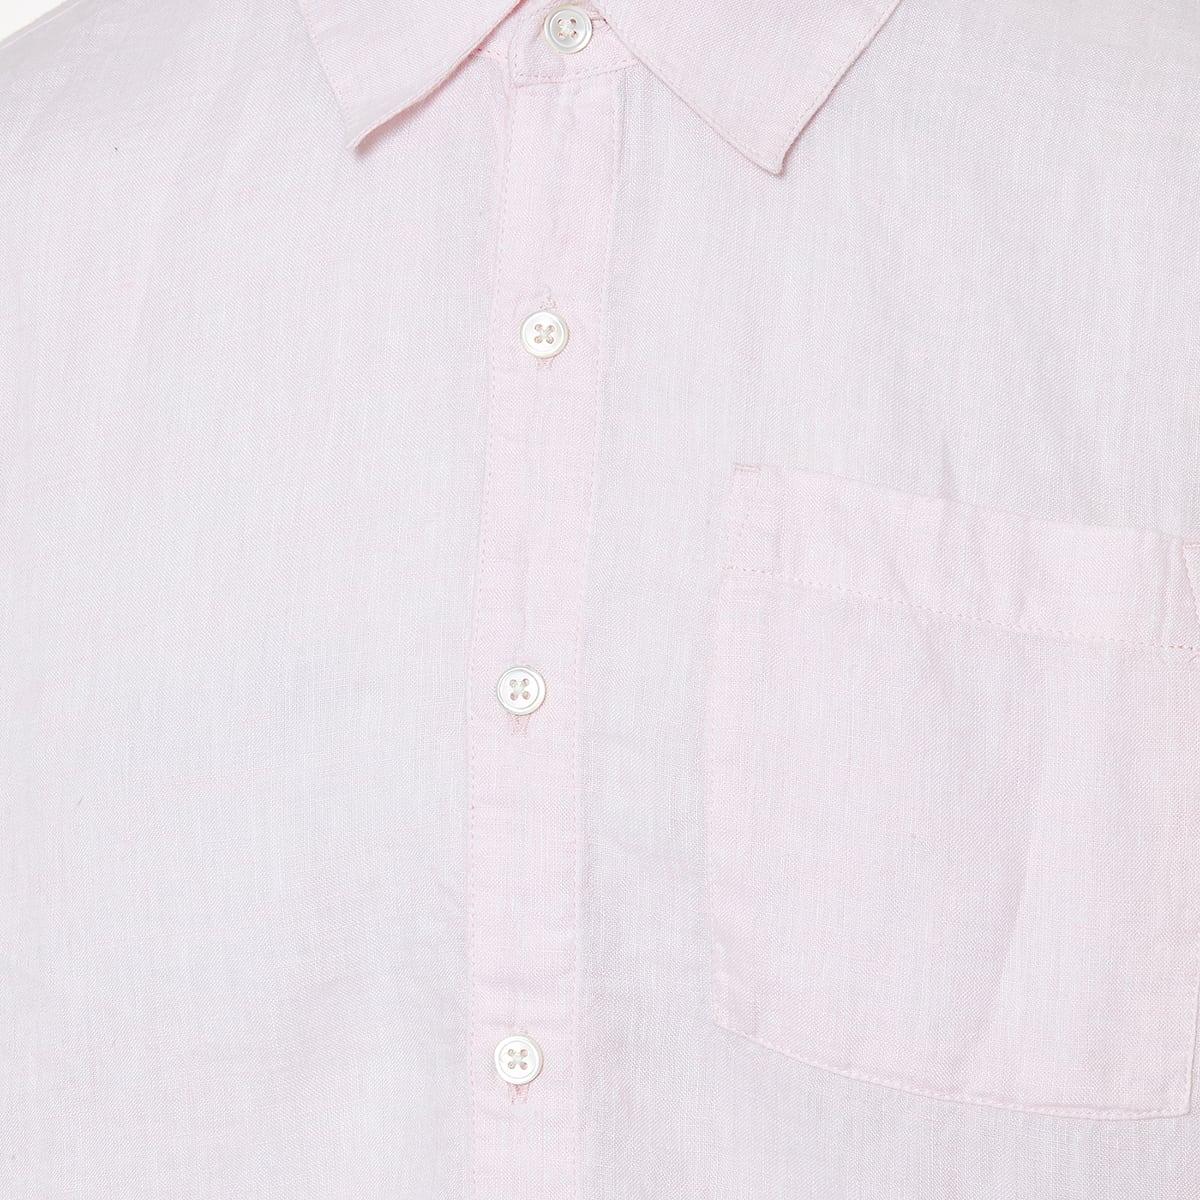 Tie-dye linen shirt